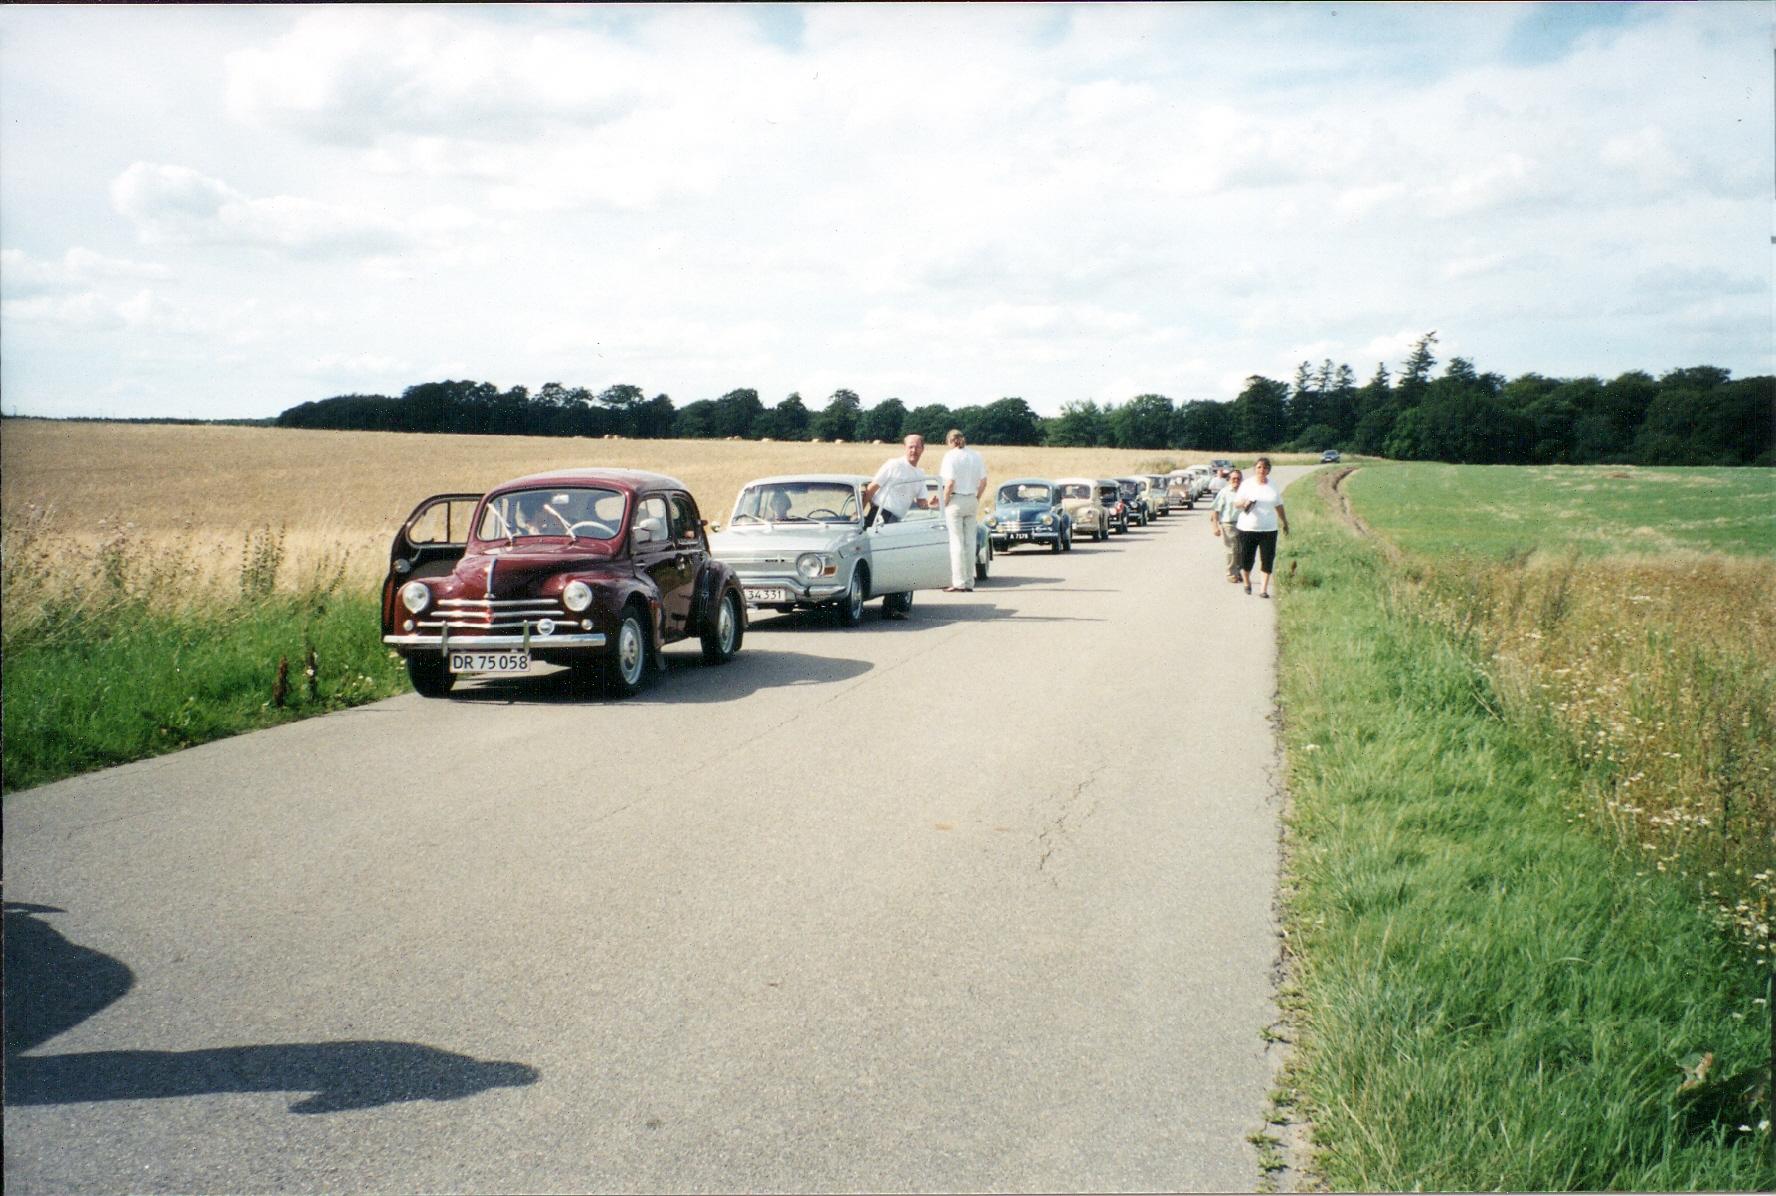 Randers_2001 (16).jpg